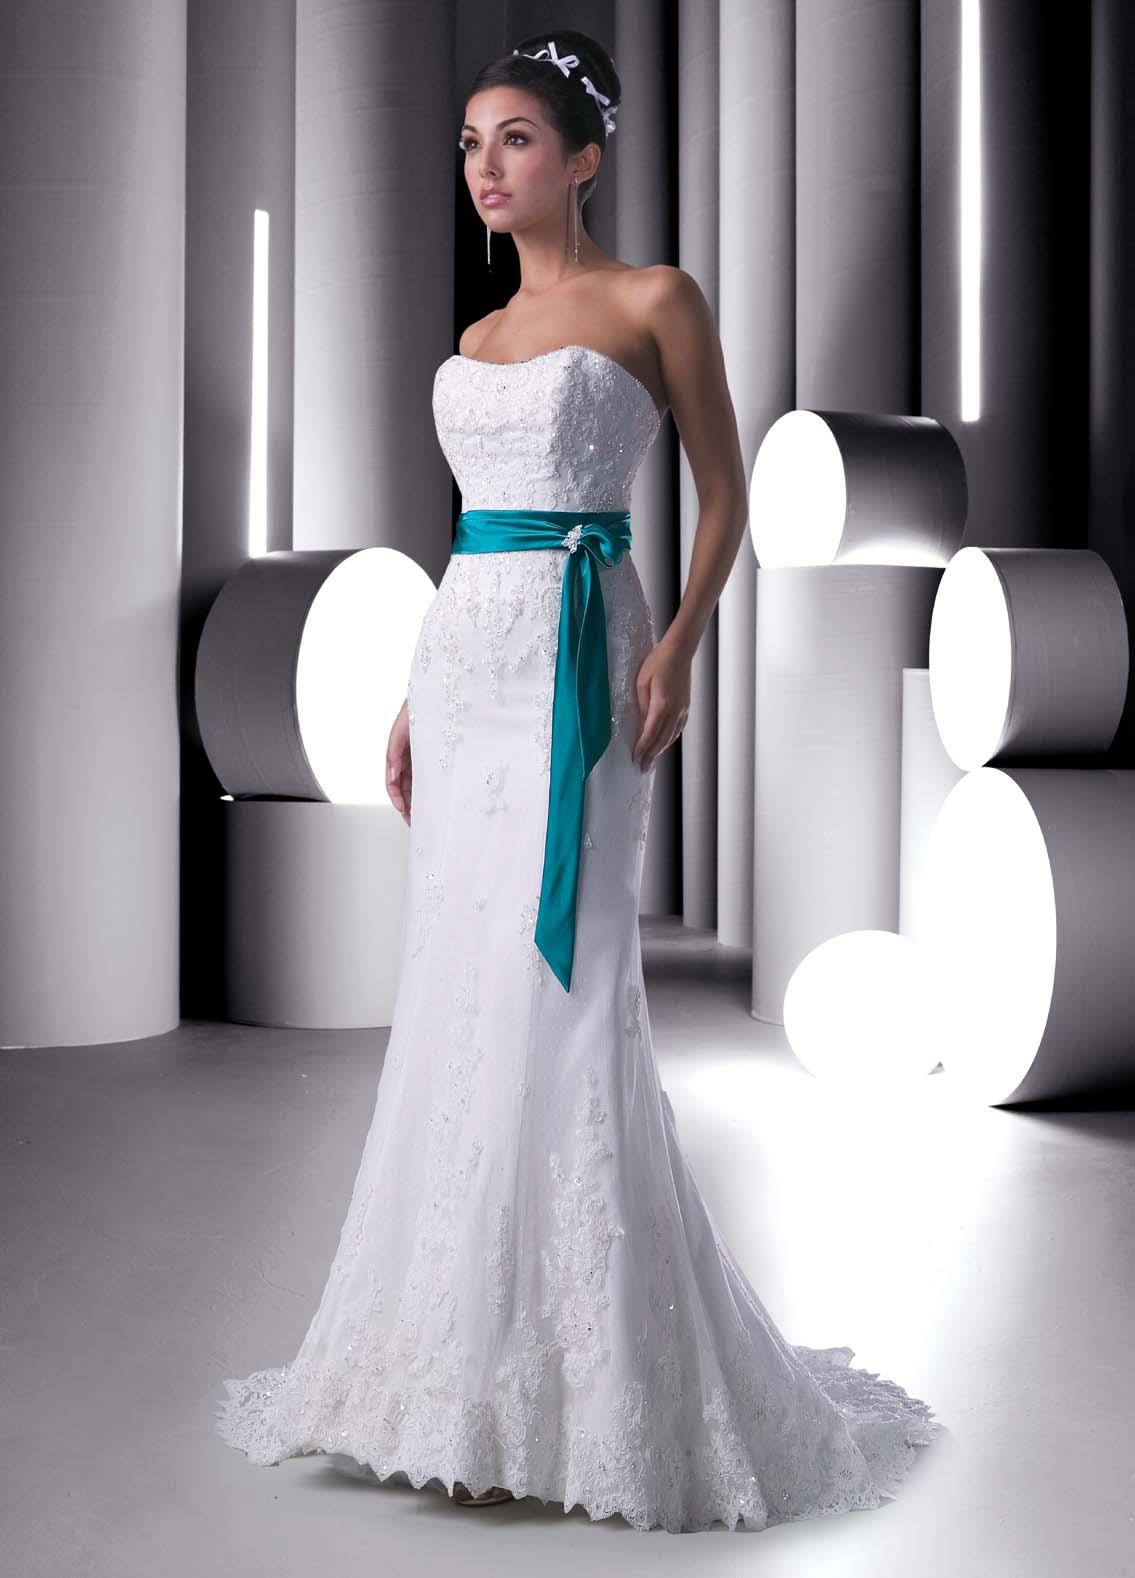 Svadobné šaty, čo sa mi páčia :) - Obrázok č. 135